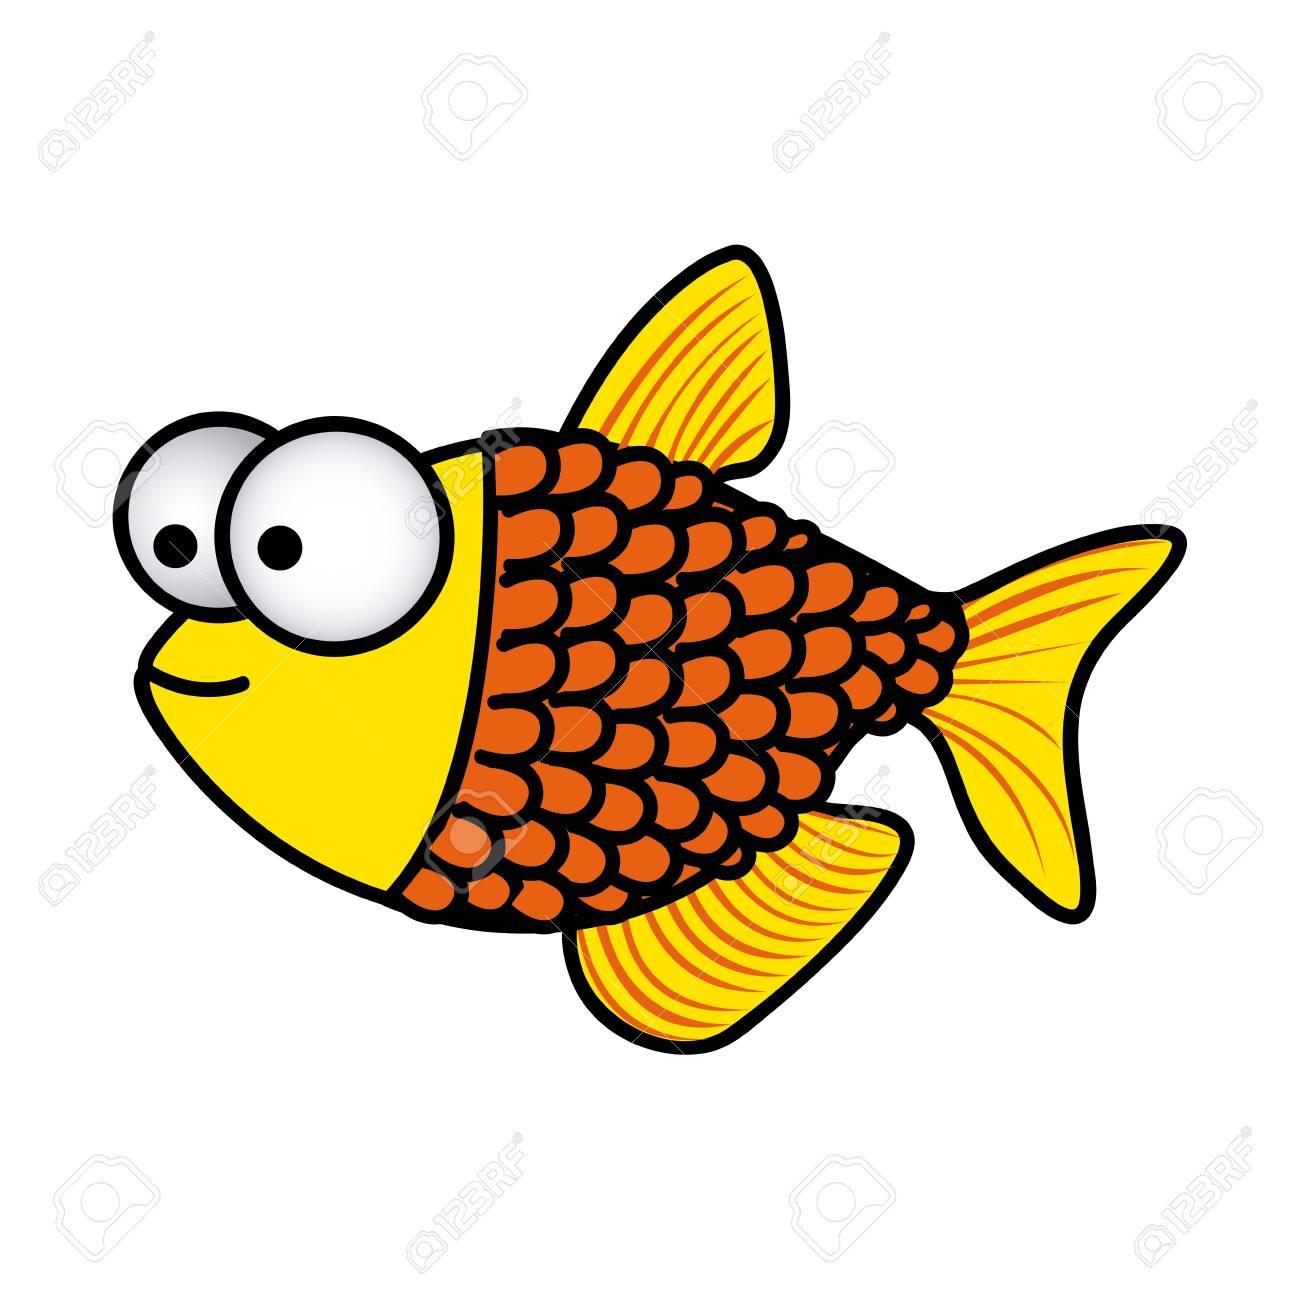 Happy fish scales cartoon icon, vector illustration design.